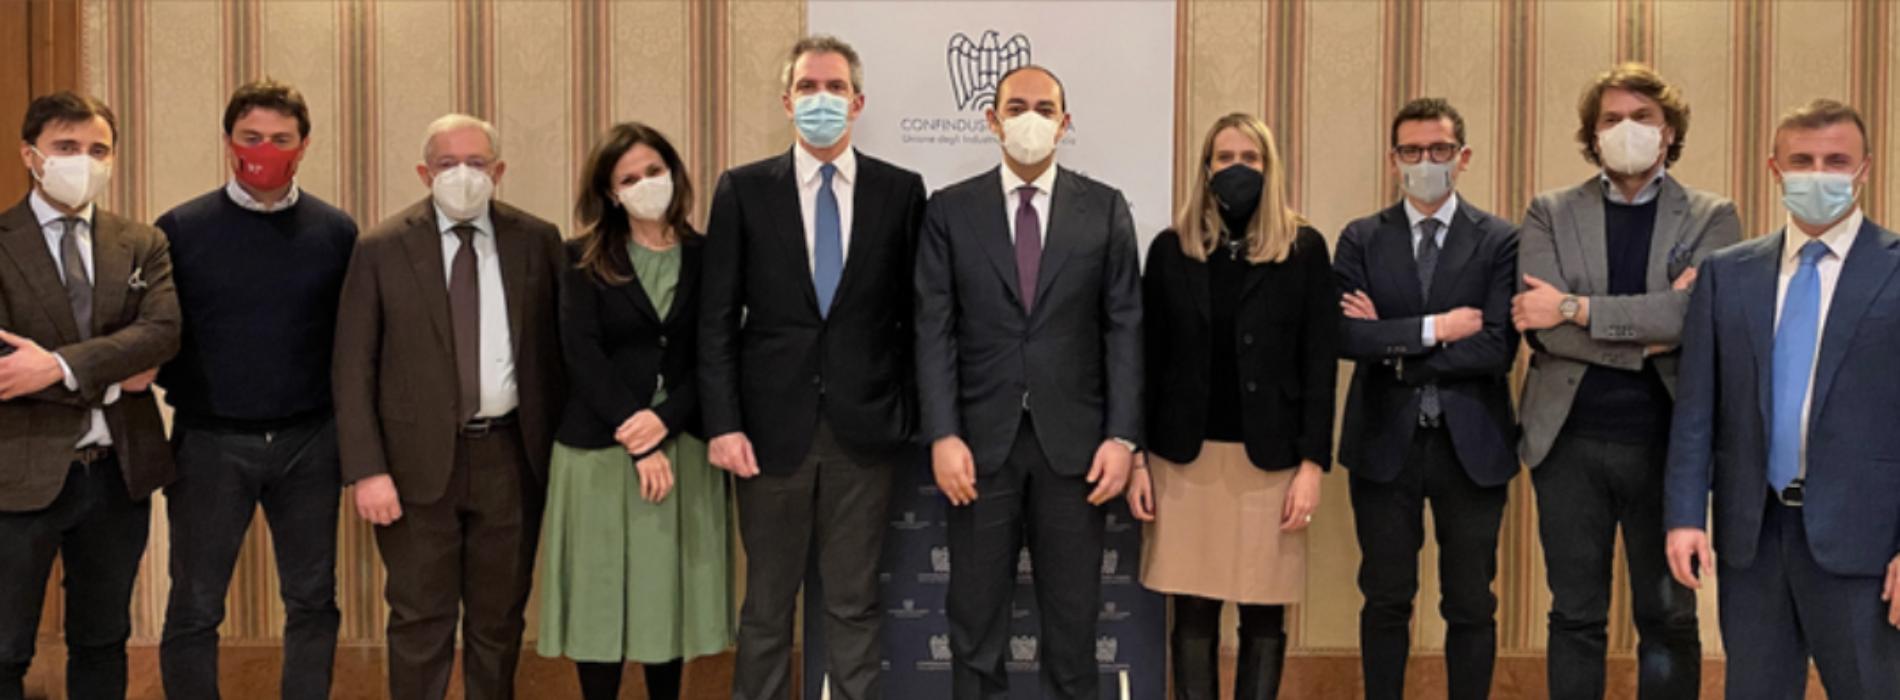 Confindustria, il neopresidente Schiavone presenta la squadra